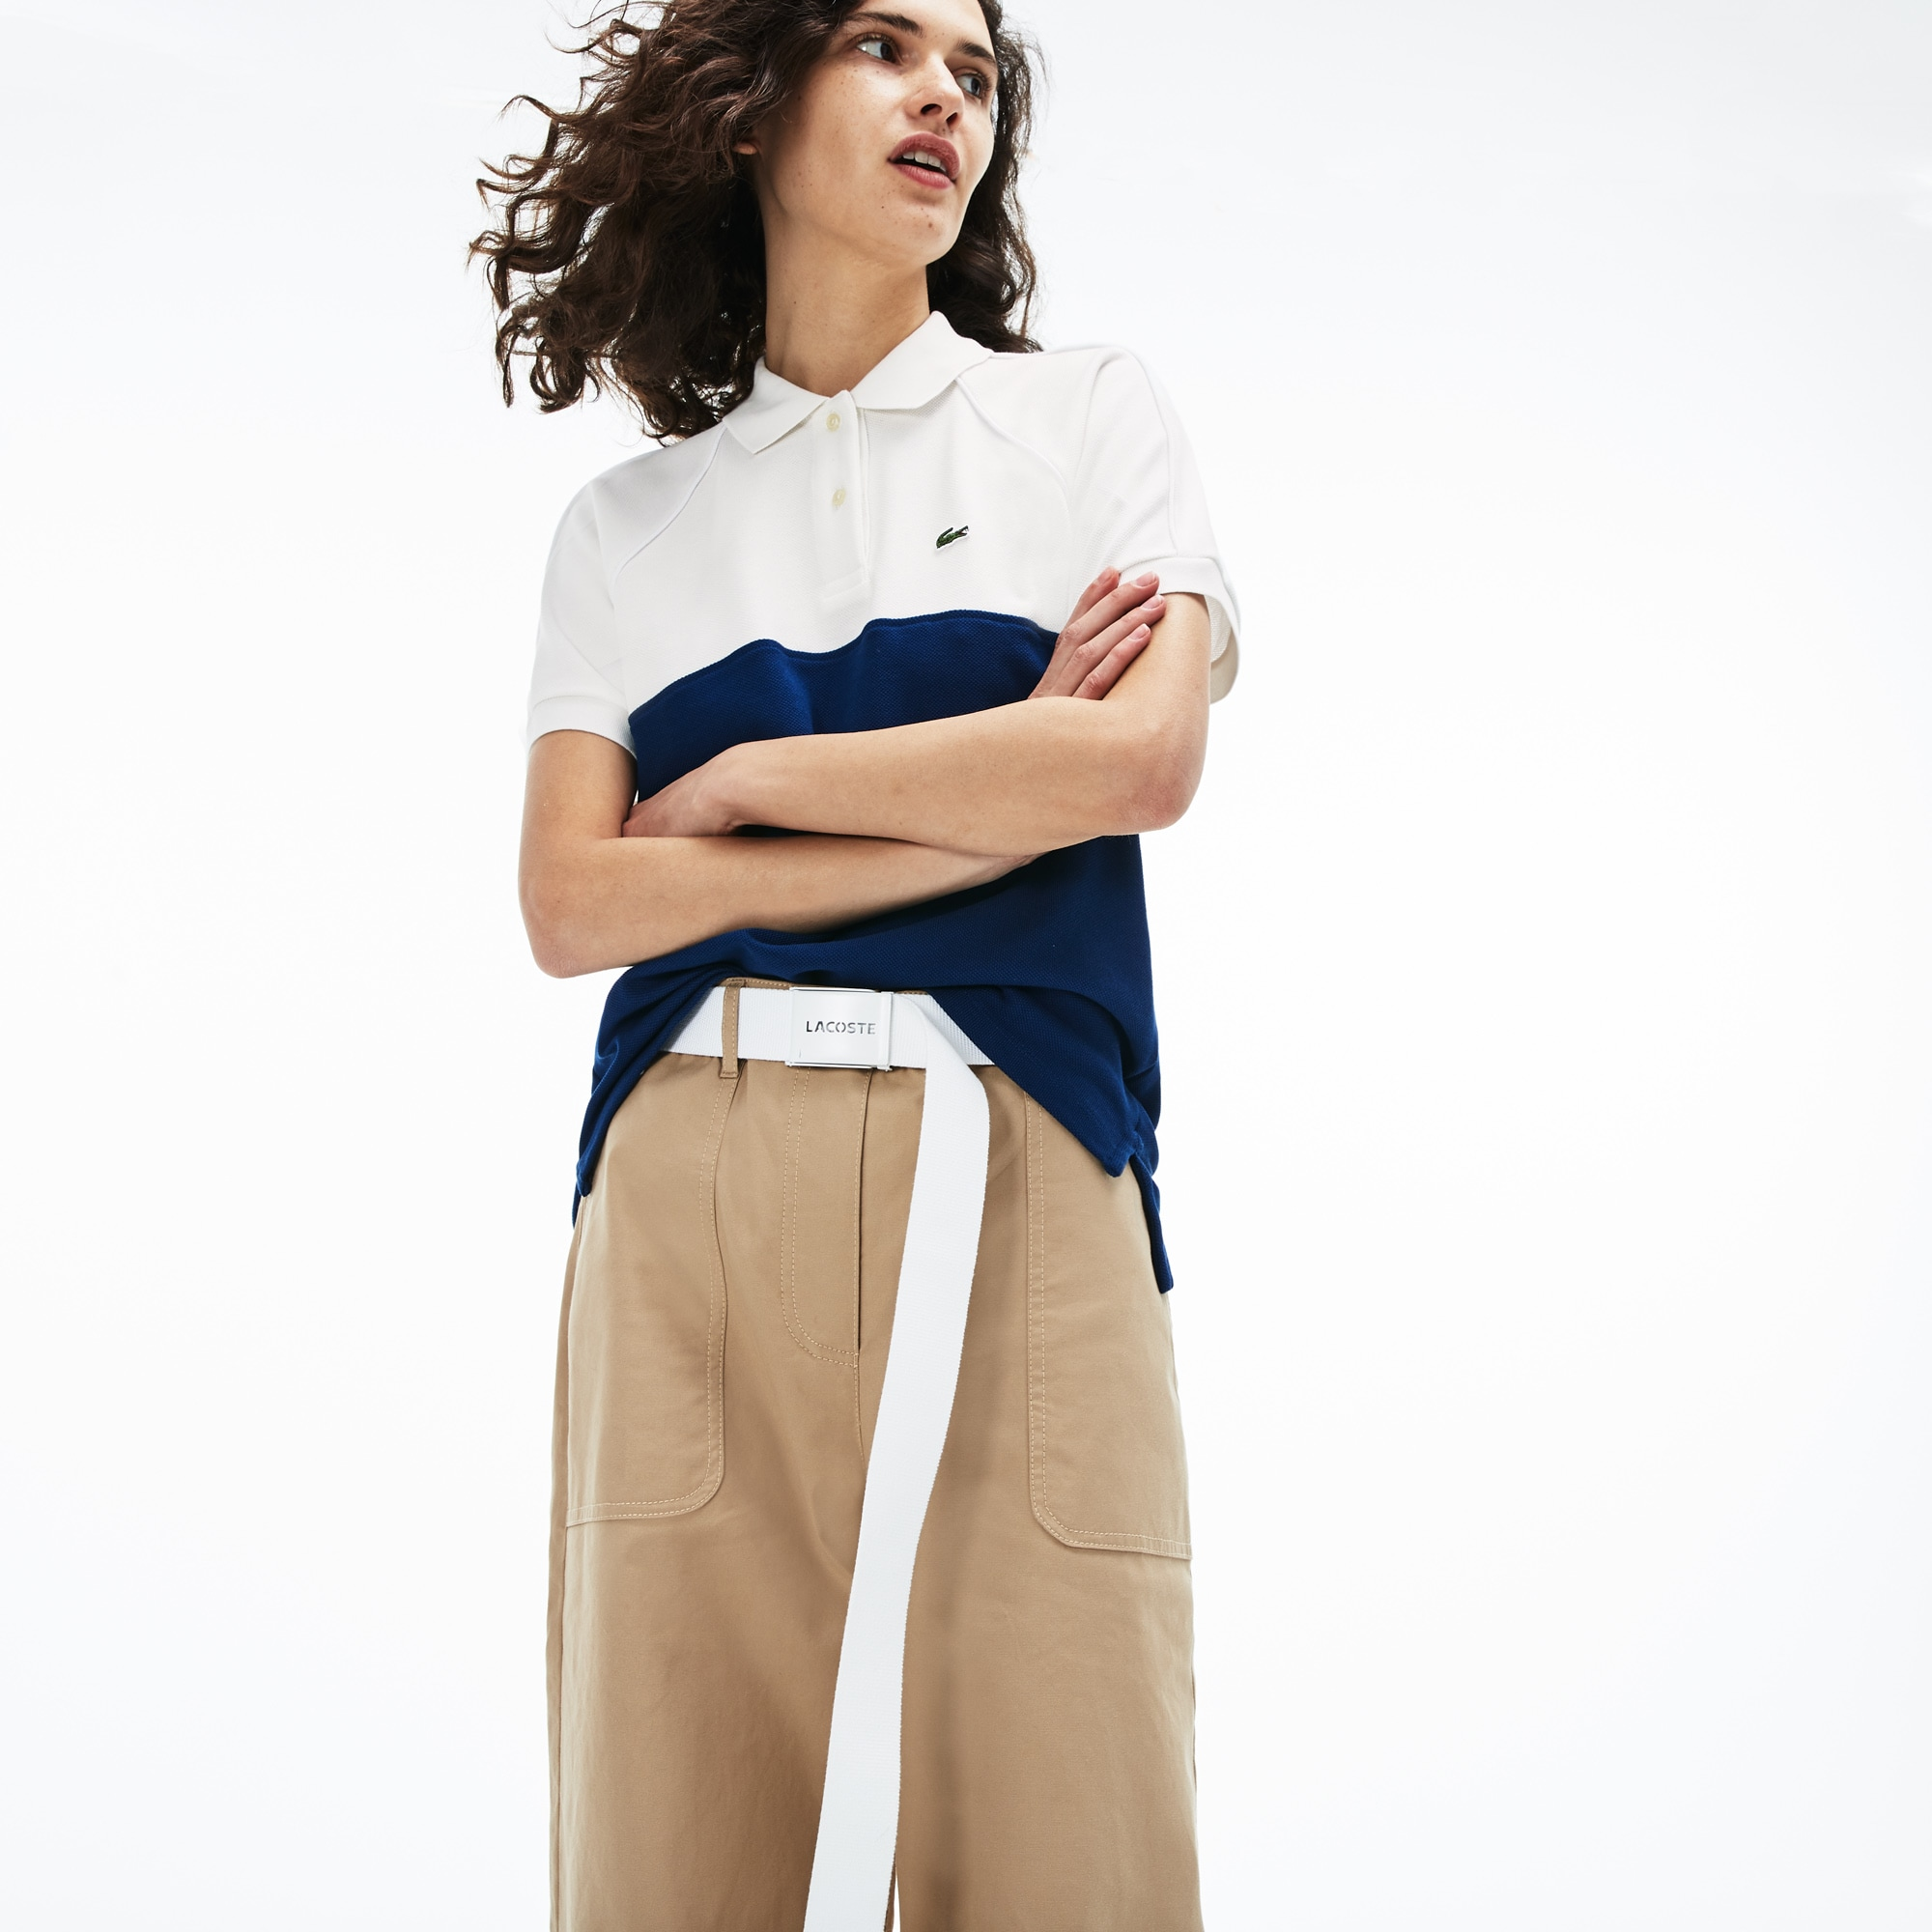 280db5116cc8 + 2 colors. New. Women s Slim Fit Petit Piqué Polo Shirt